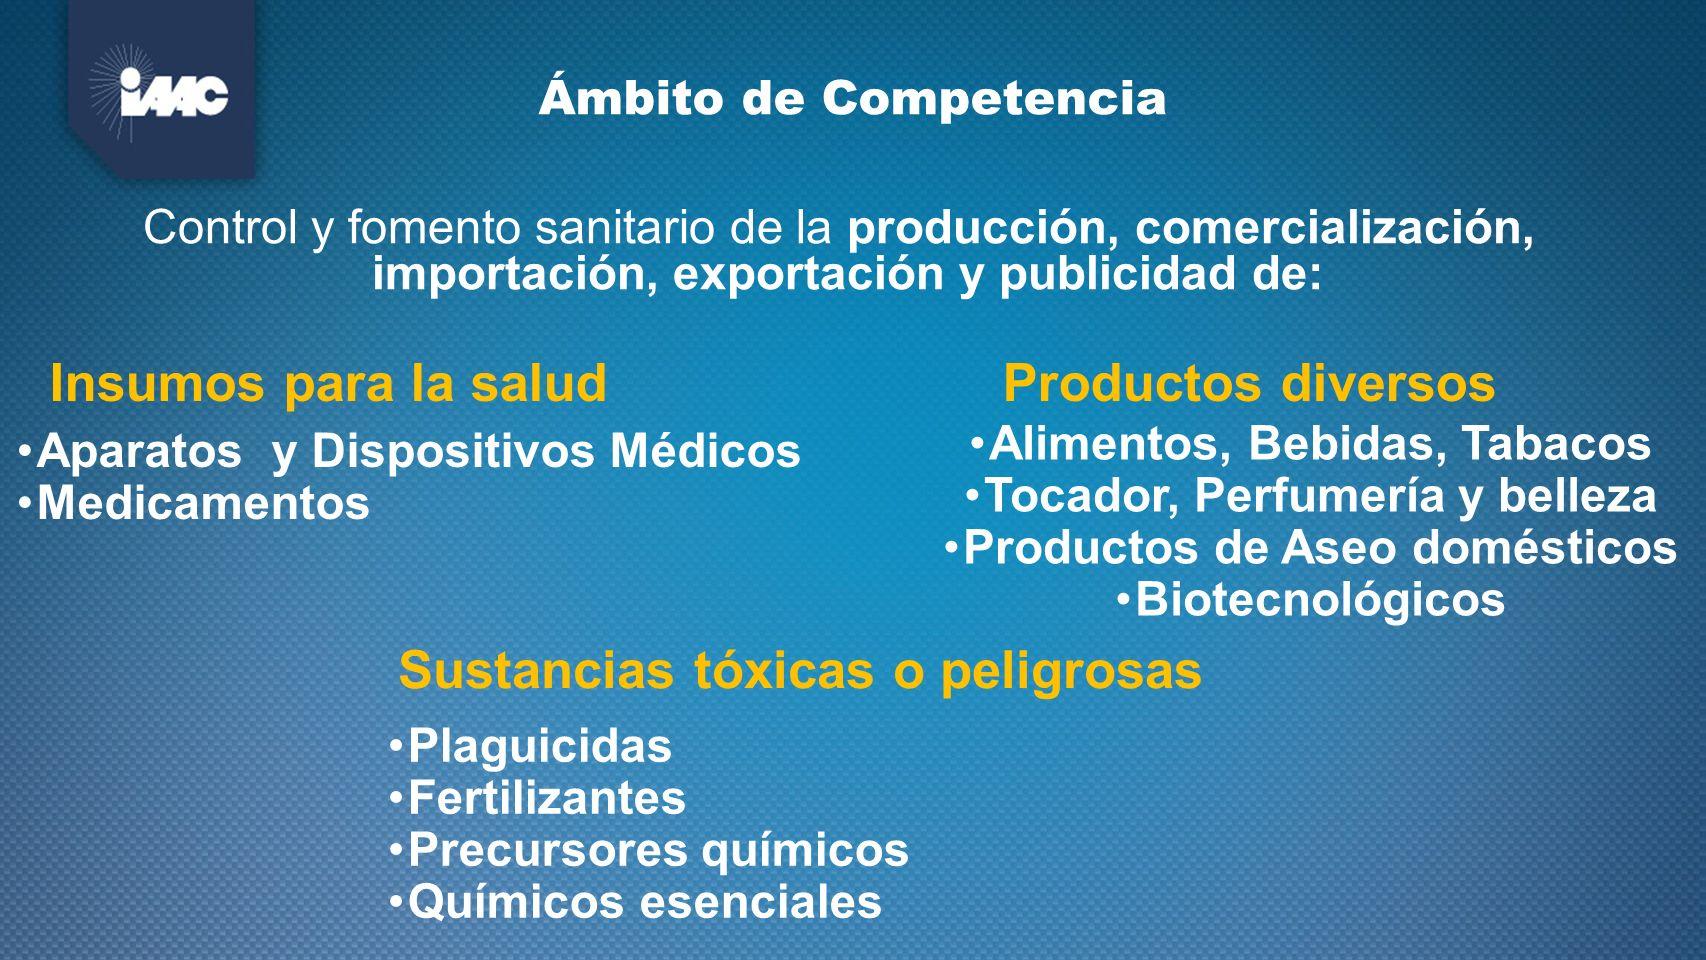 Ámbito de Competencia Control y fomento sanitario de la producción, comercialización, importación, exportación y publicidad de: Insumos para la salud